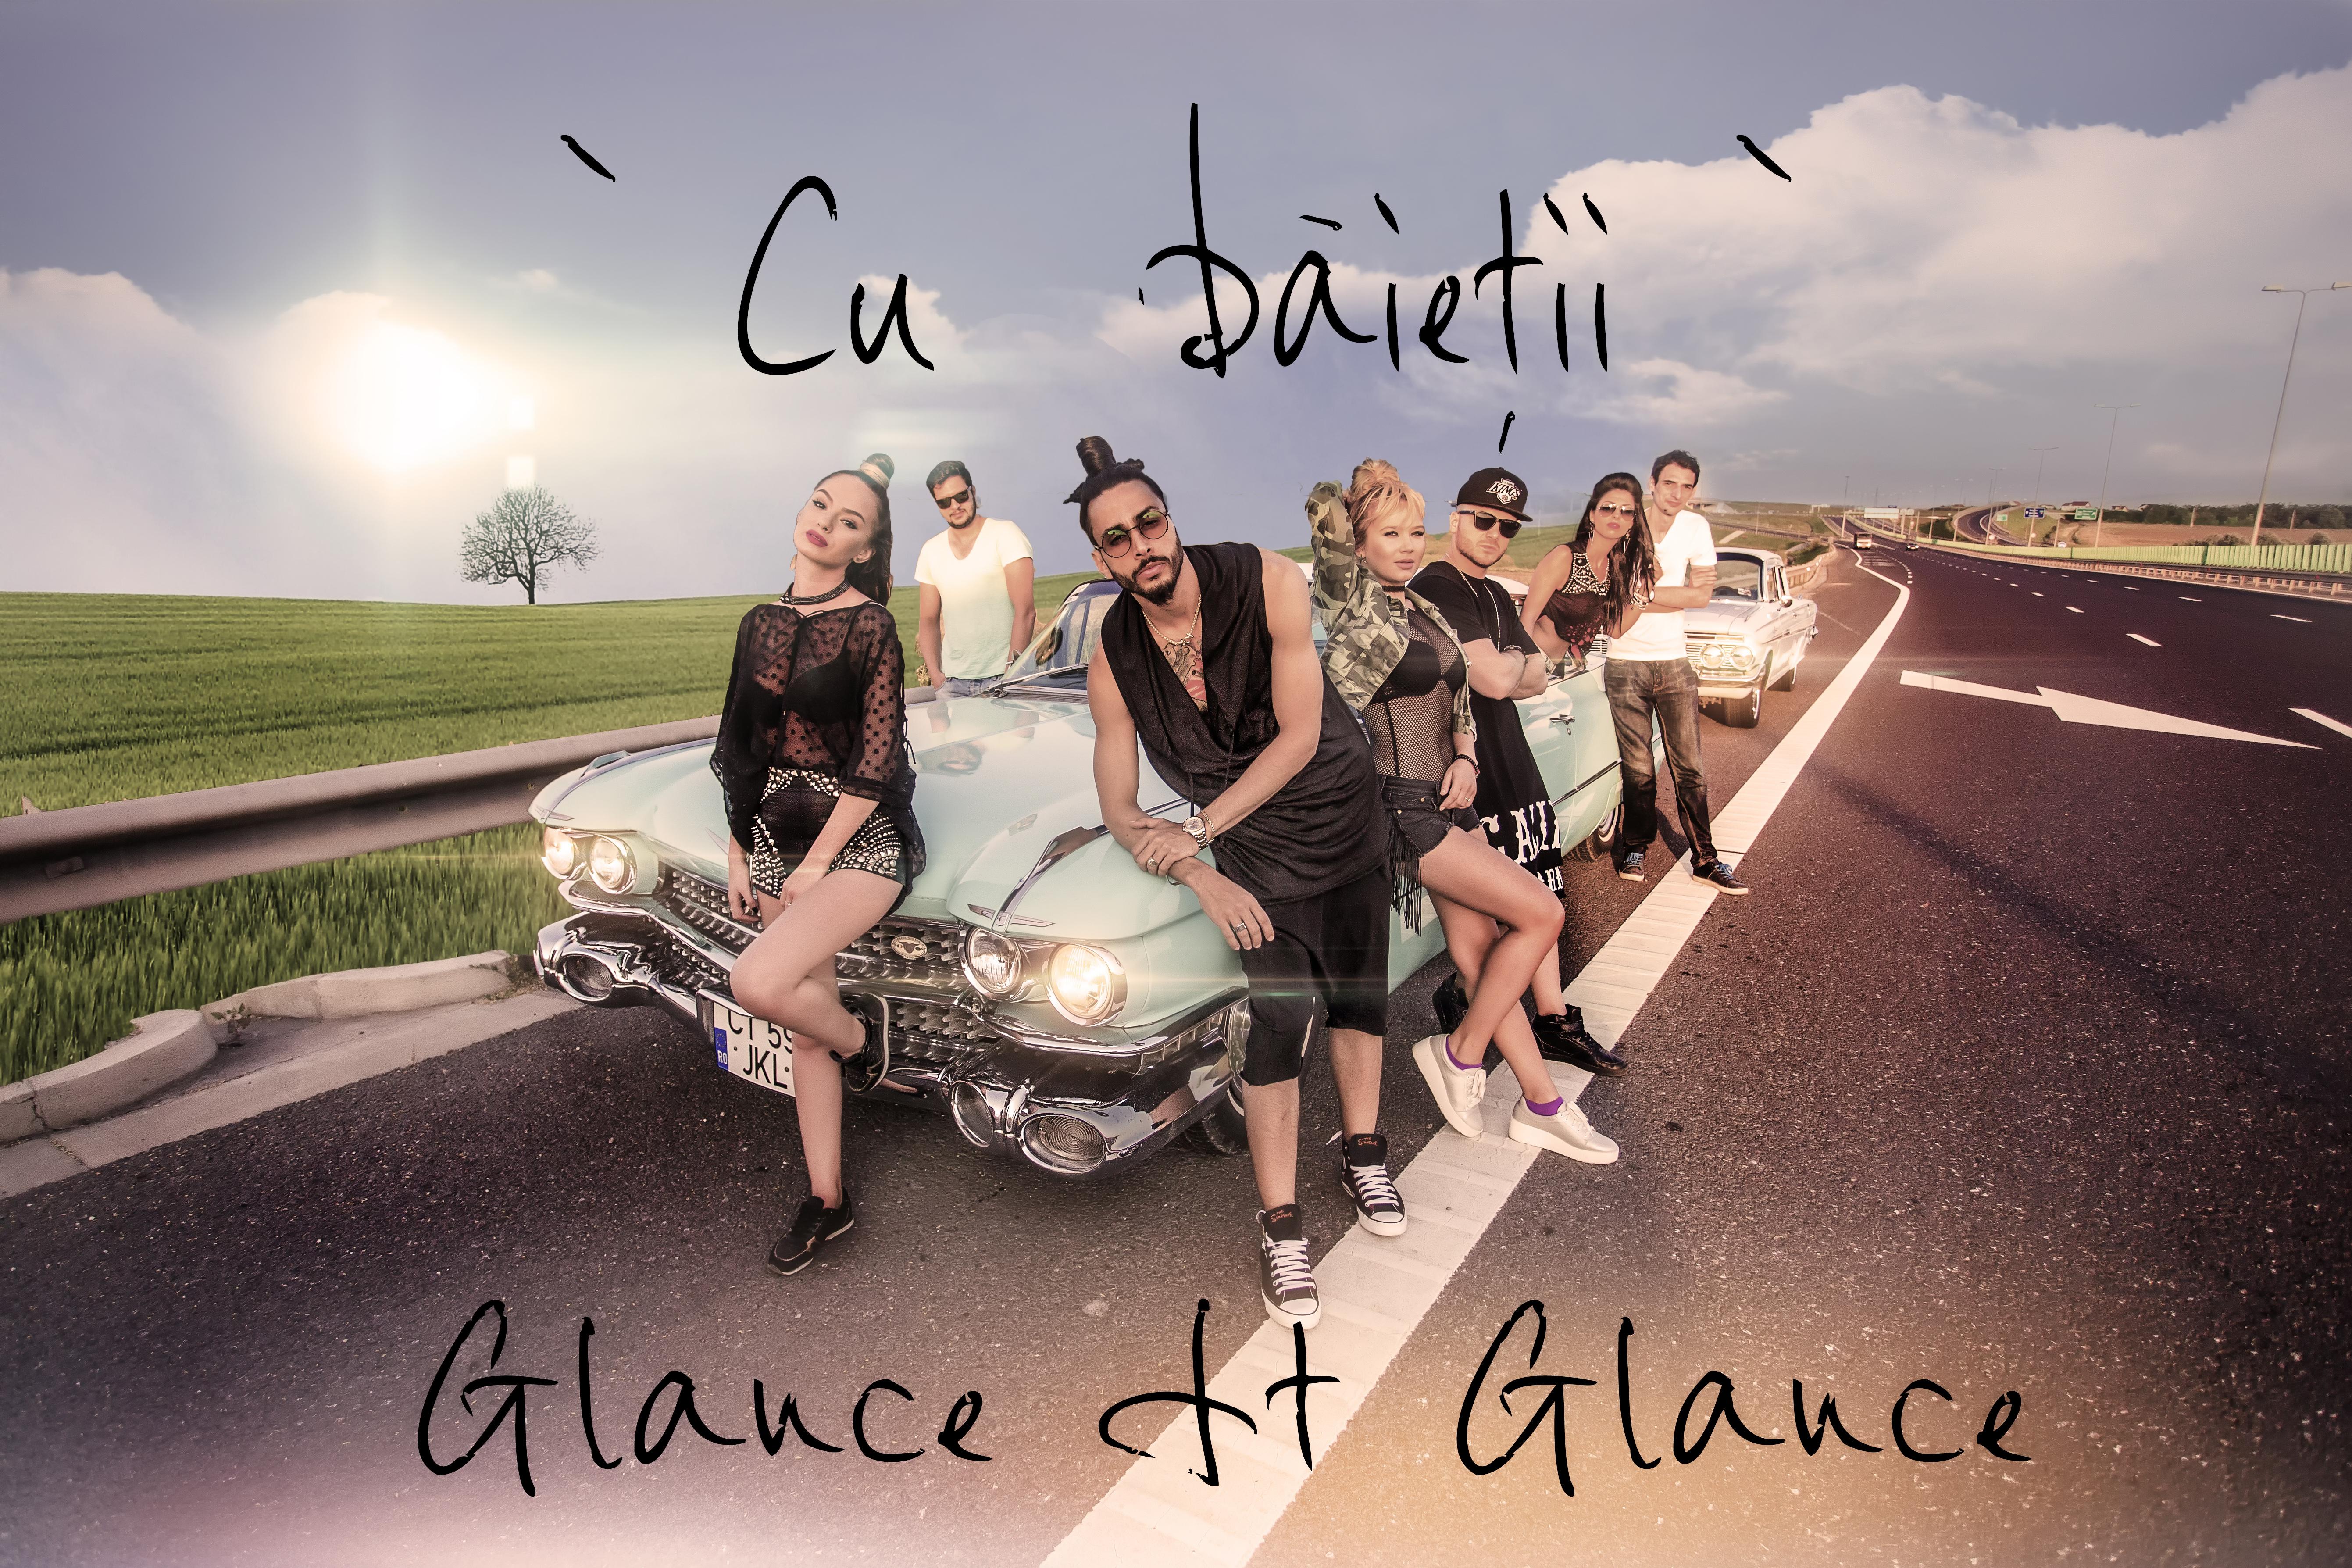 """Glance lanseaza single-ul si videoclipul """"Cu baietii"""", feat Glance"""